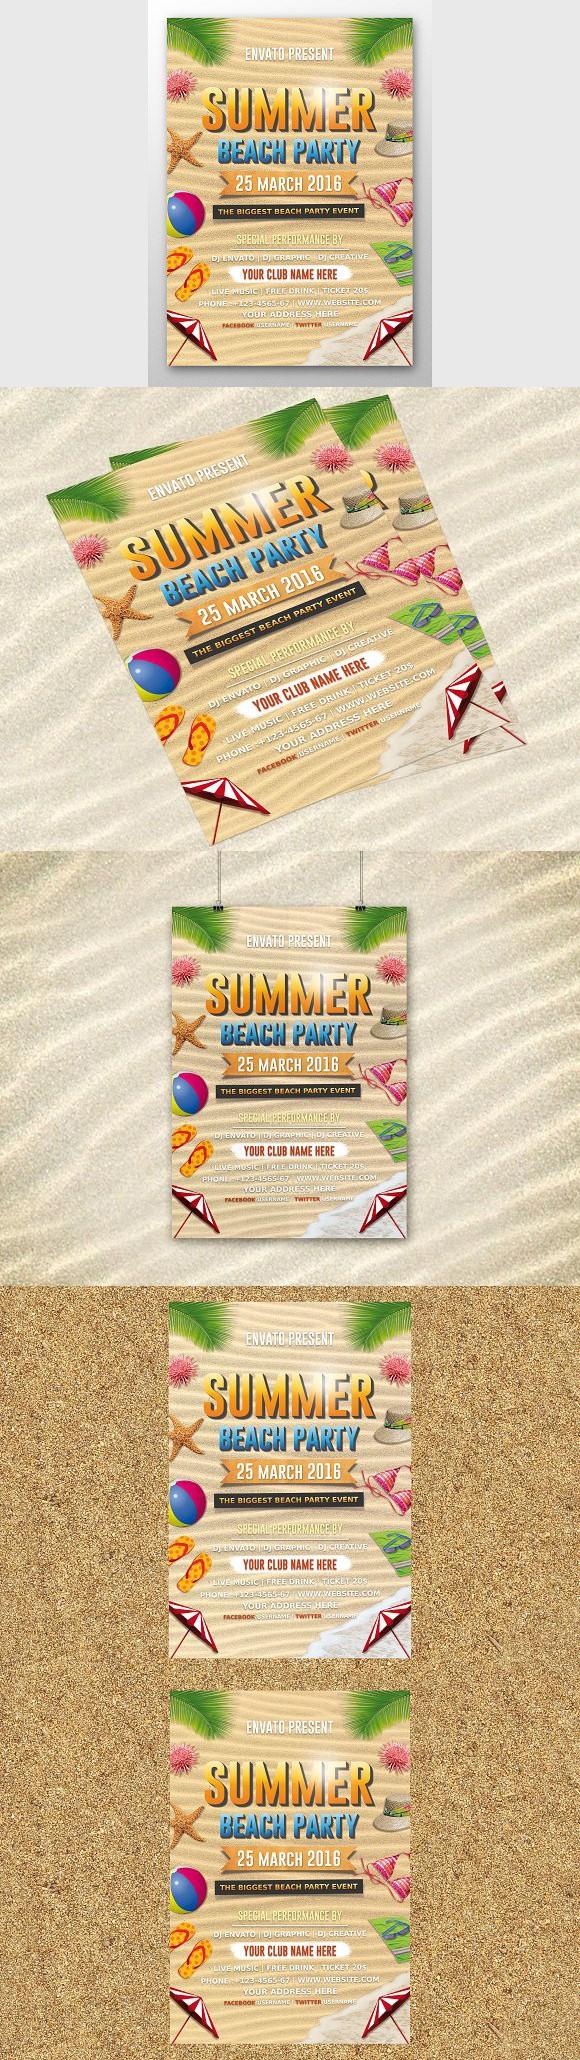 Beach Party Flyer. Photoshop Textures | Photoshop Textures | Pinterest